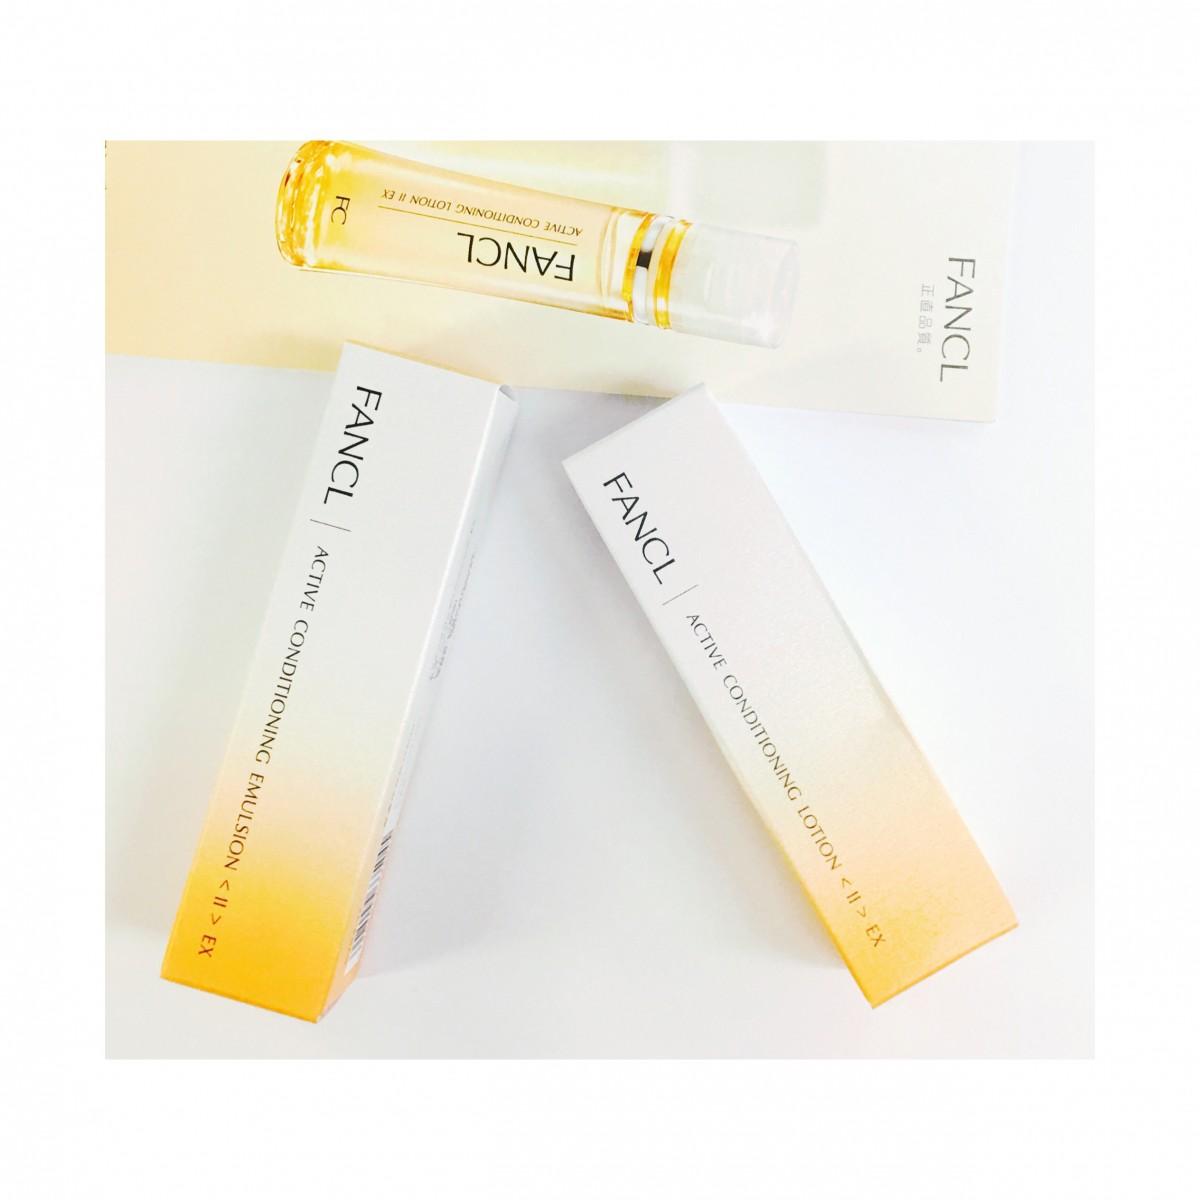 【先着現品プレゼント】ファンケル化粧水がほんとに届いた!MAQUIA11月号はやっぱりお得すぎる。